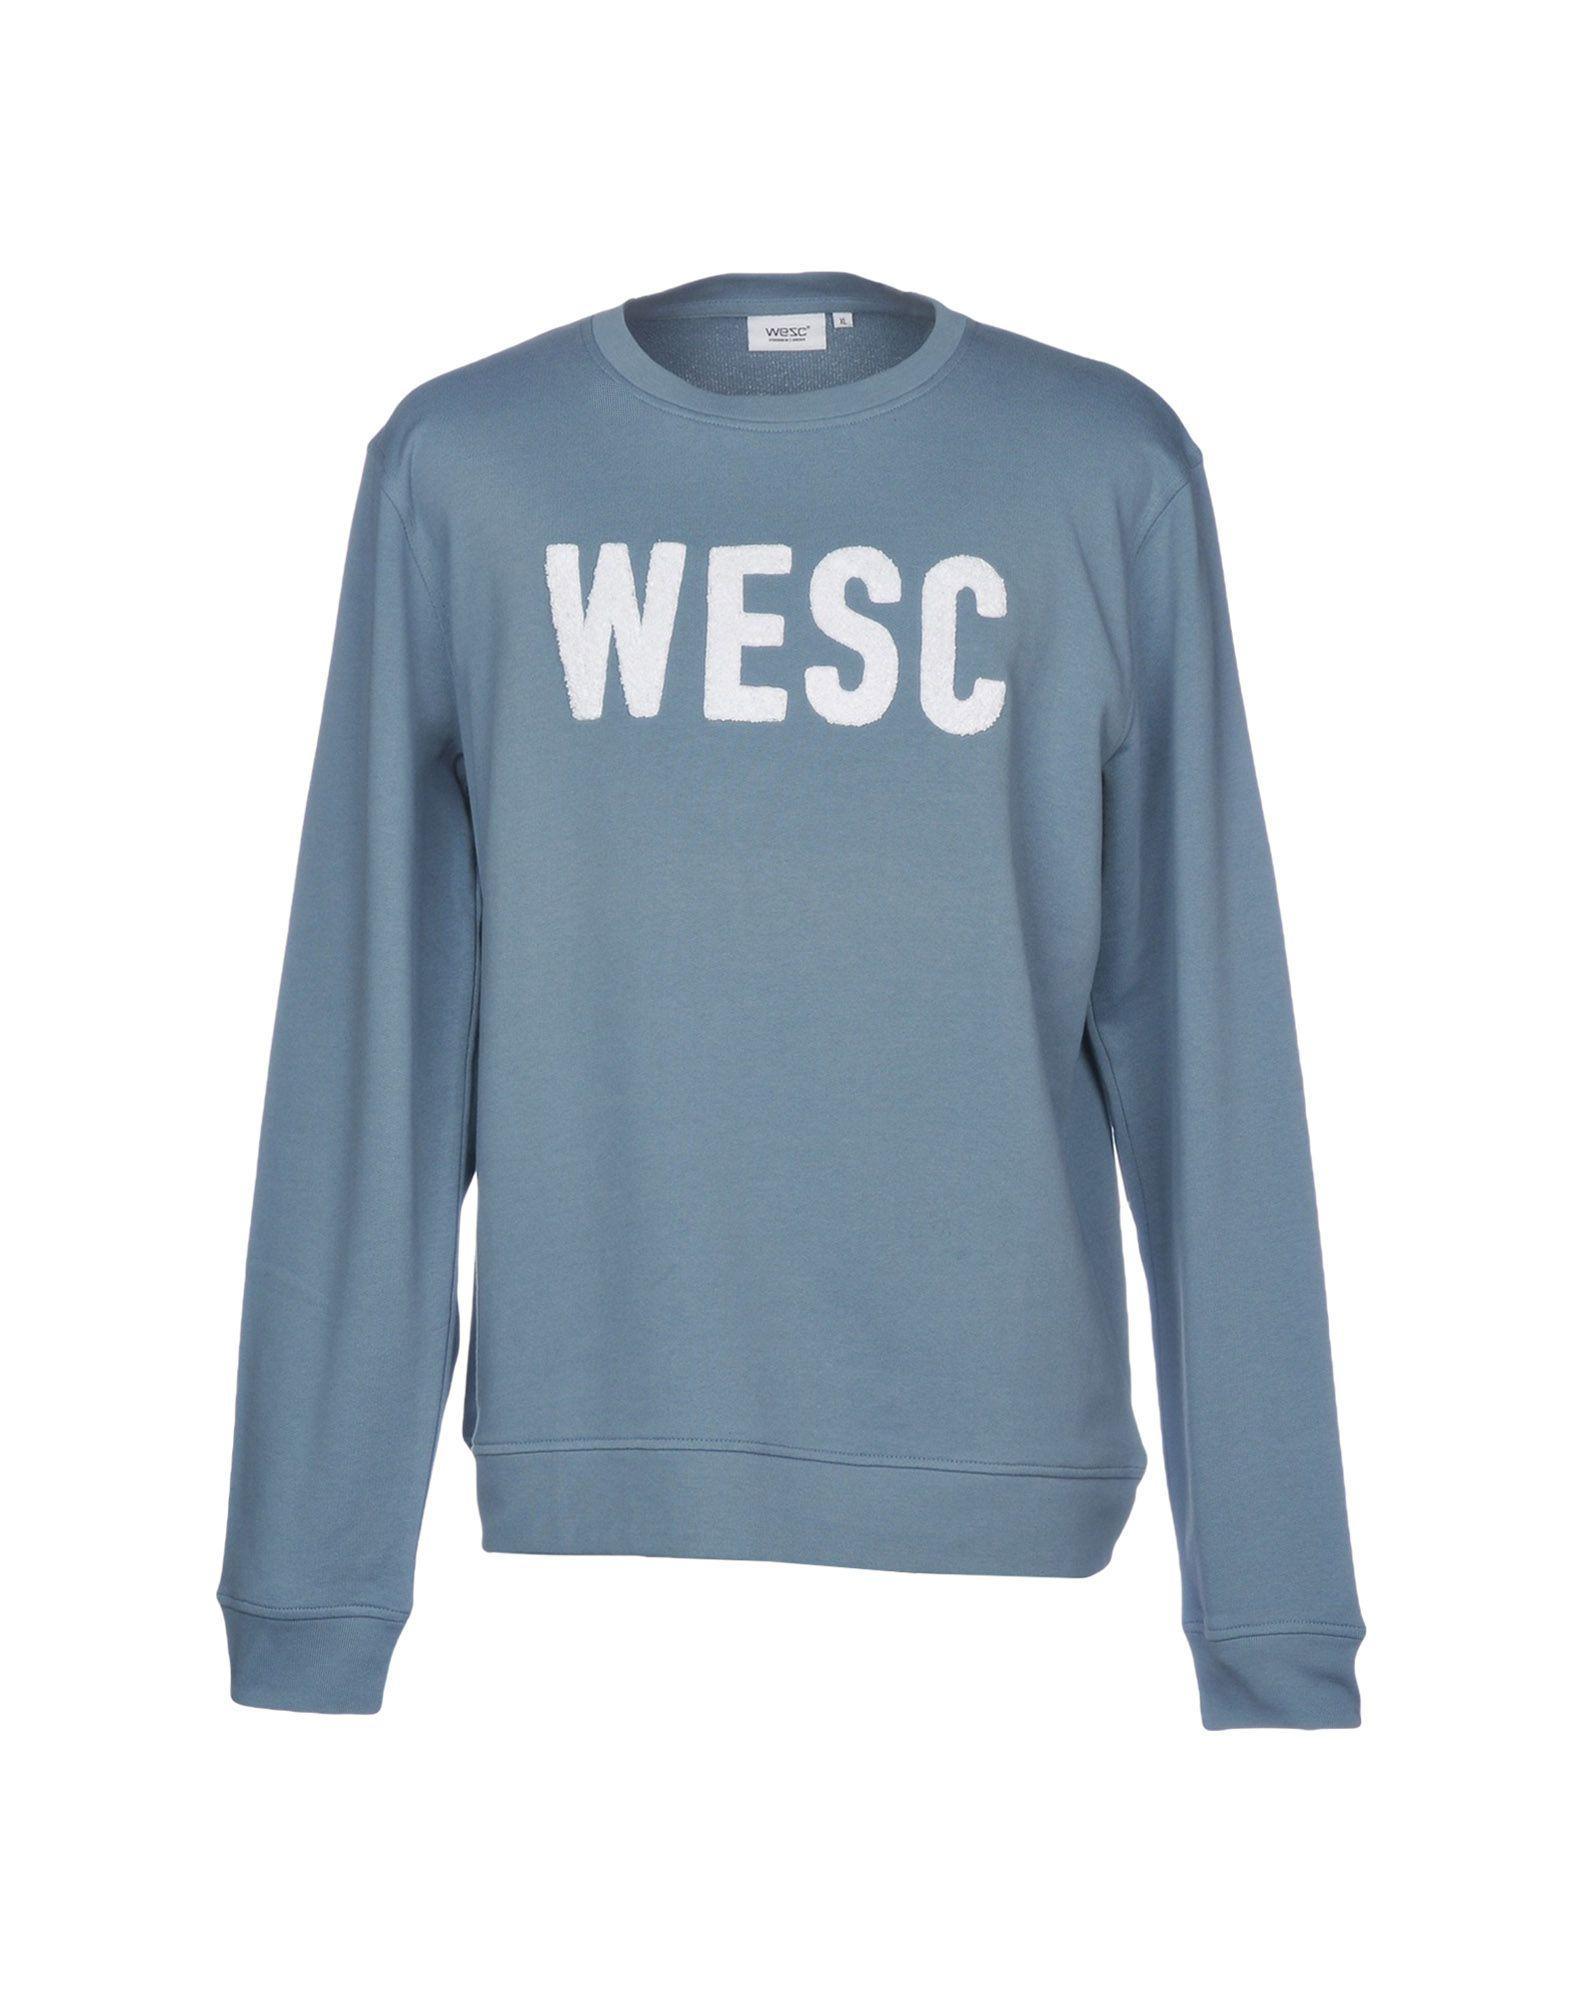 Wesc Sweatshirt In Slate Blue